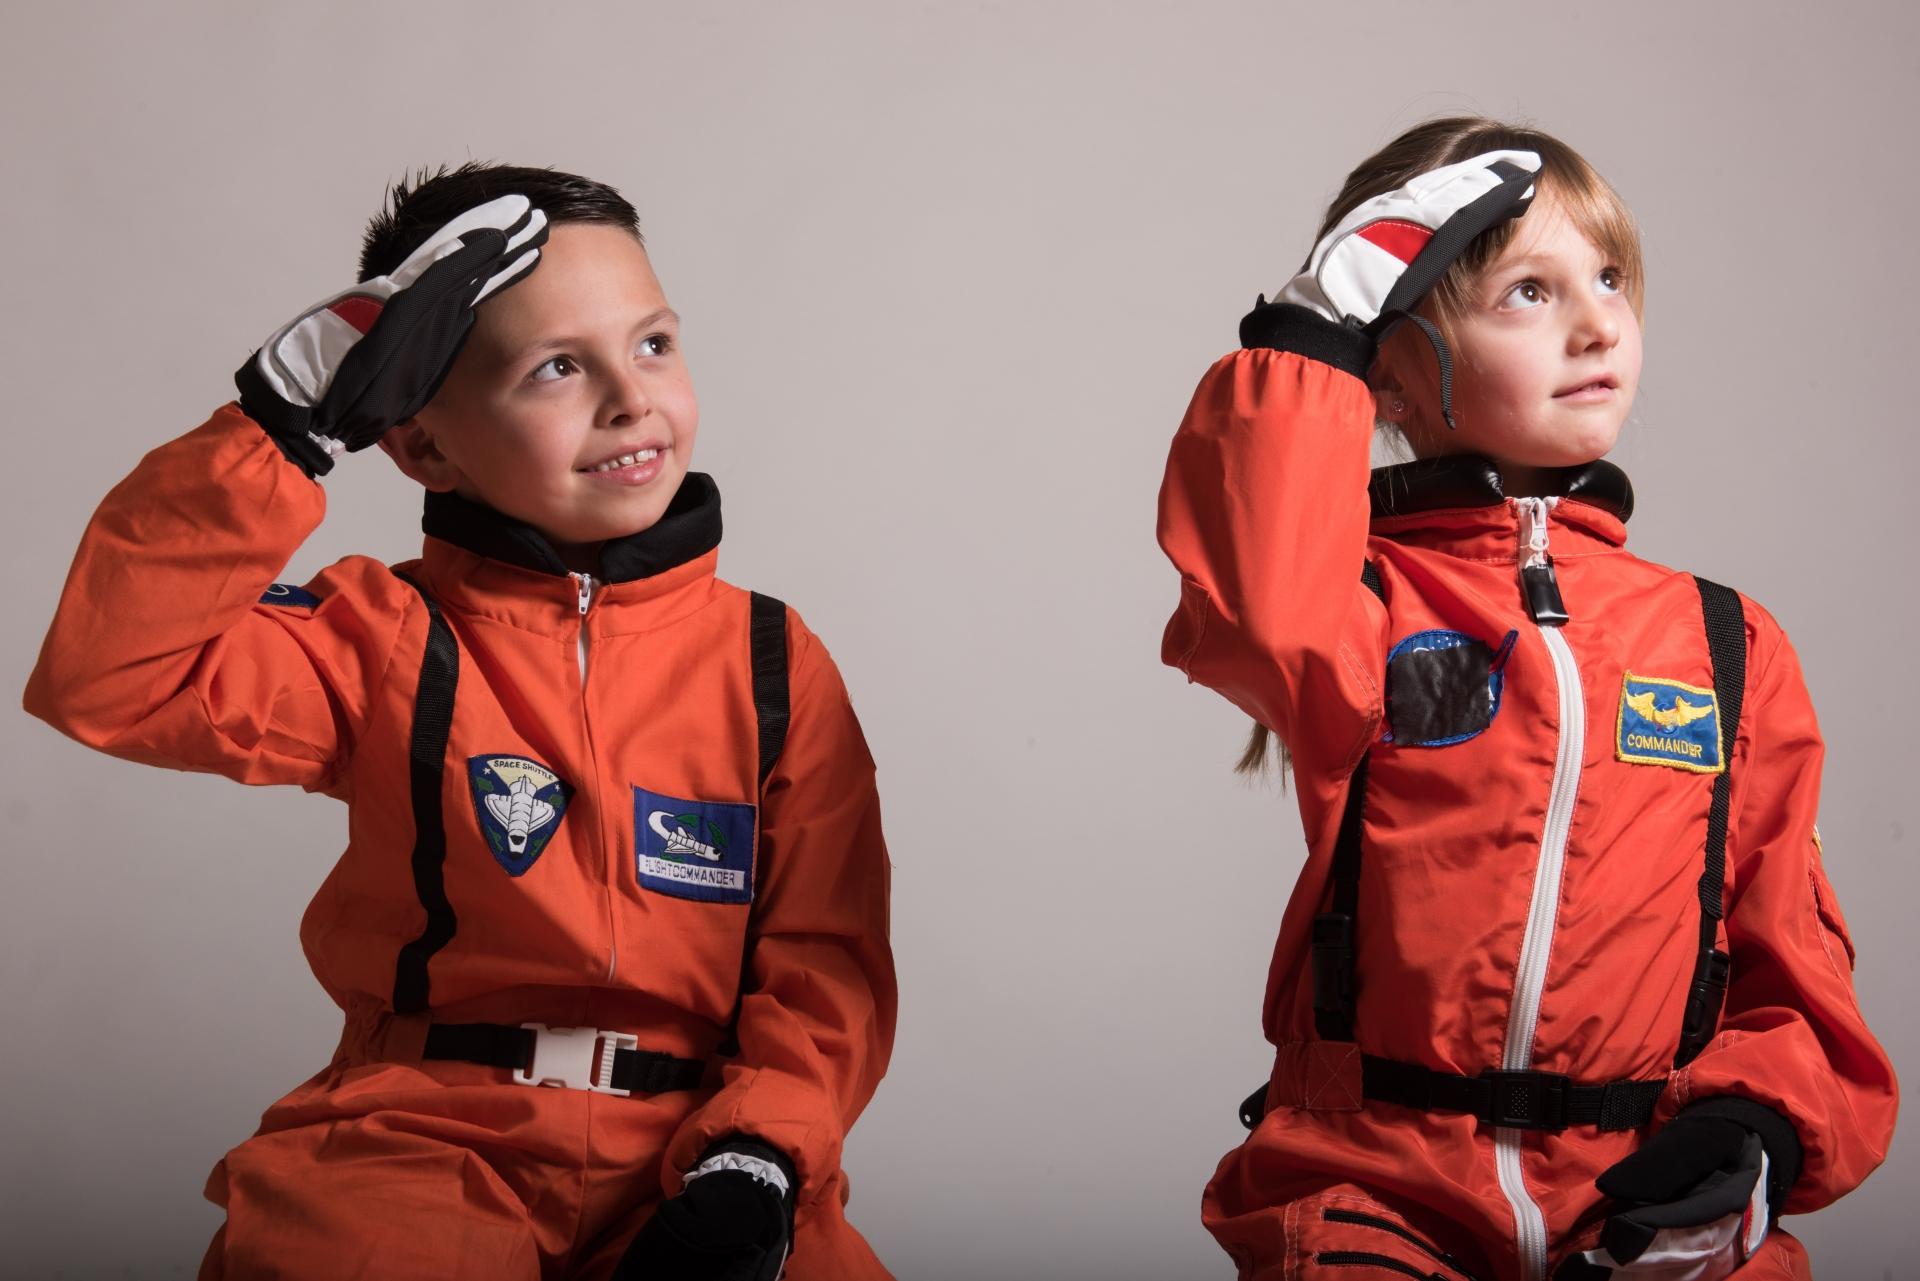 宇宙飛行士は虫歯があるとなれない?歯痛が起こる職業とは